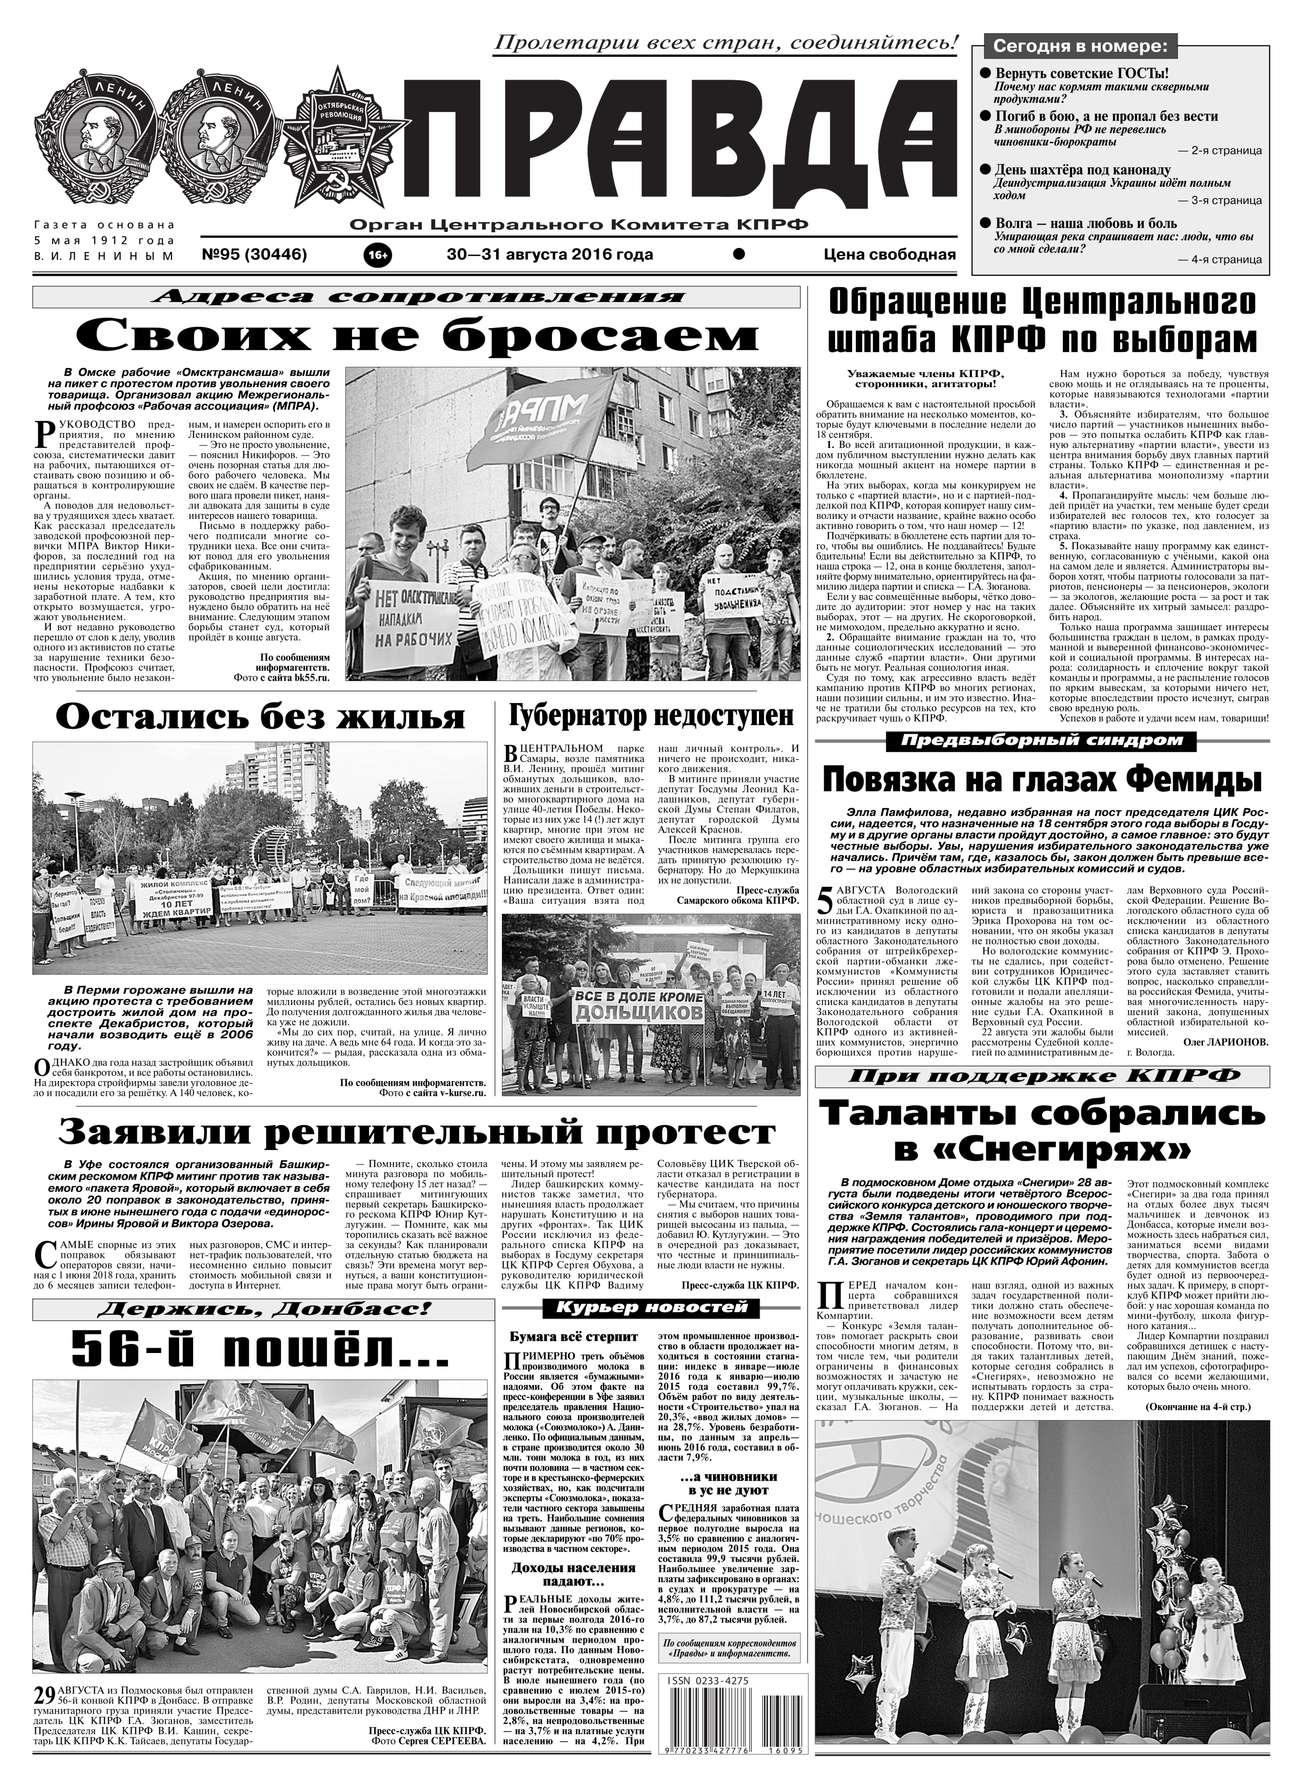 Редакция газеты Правда Правда 95-2016 редакция газеты новая газета новая газета 95 2017